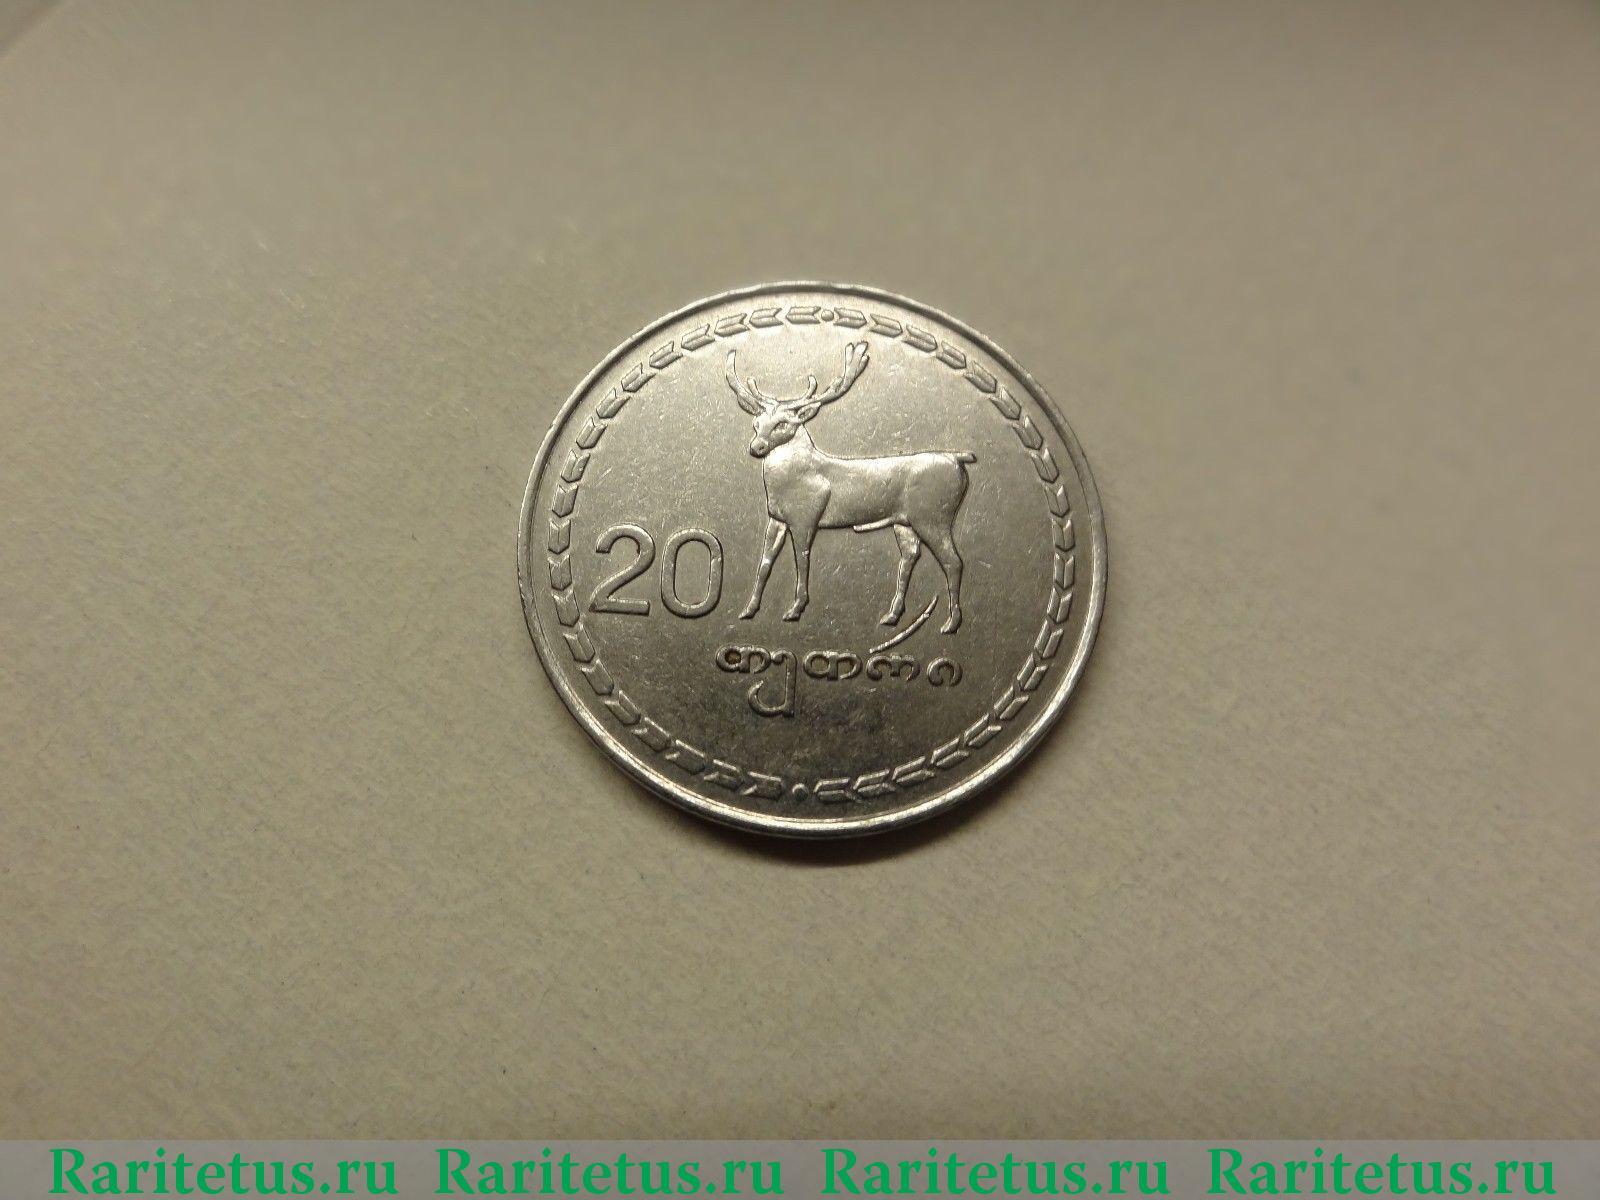 Что за монета с оленем republic of georgia 1993 цена цінні монети україни 1992 року